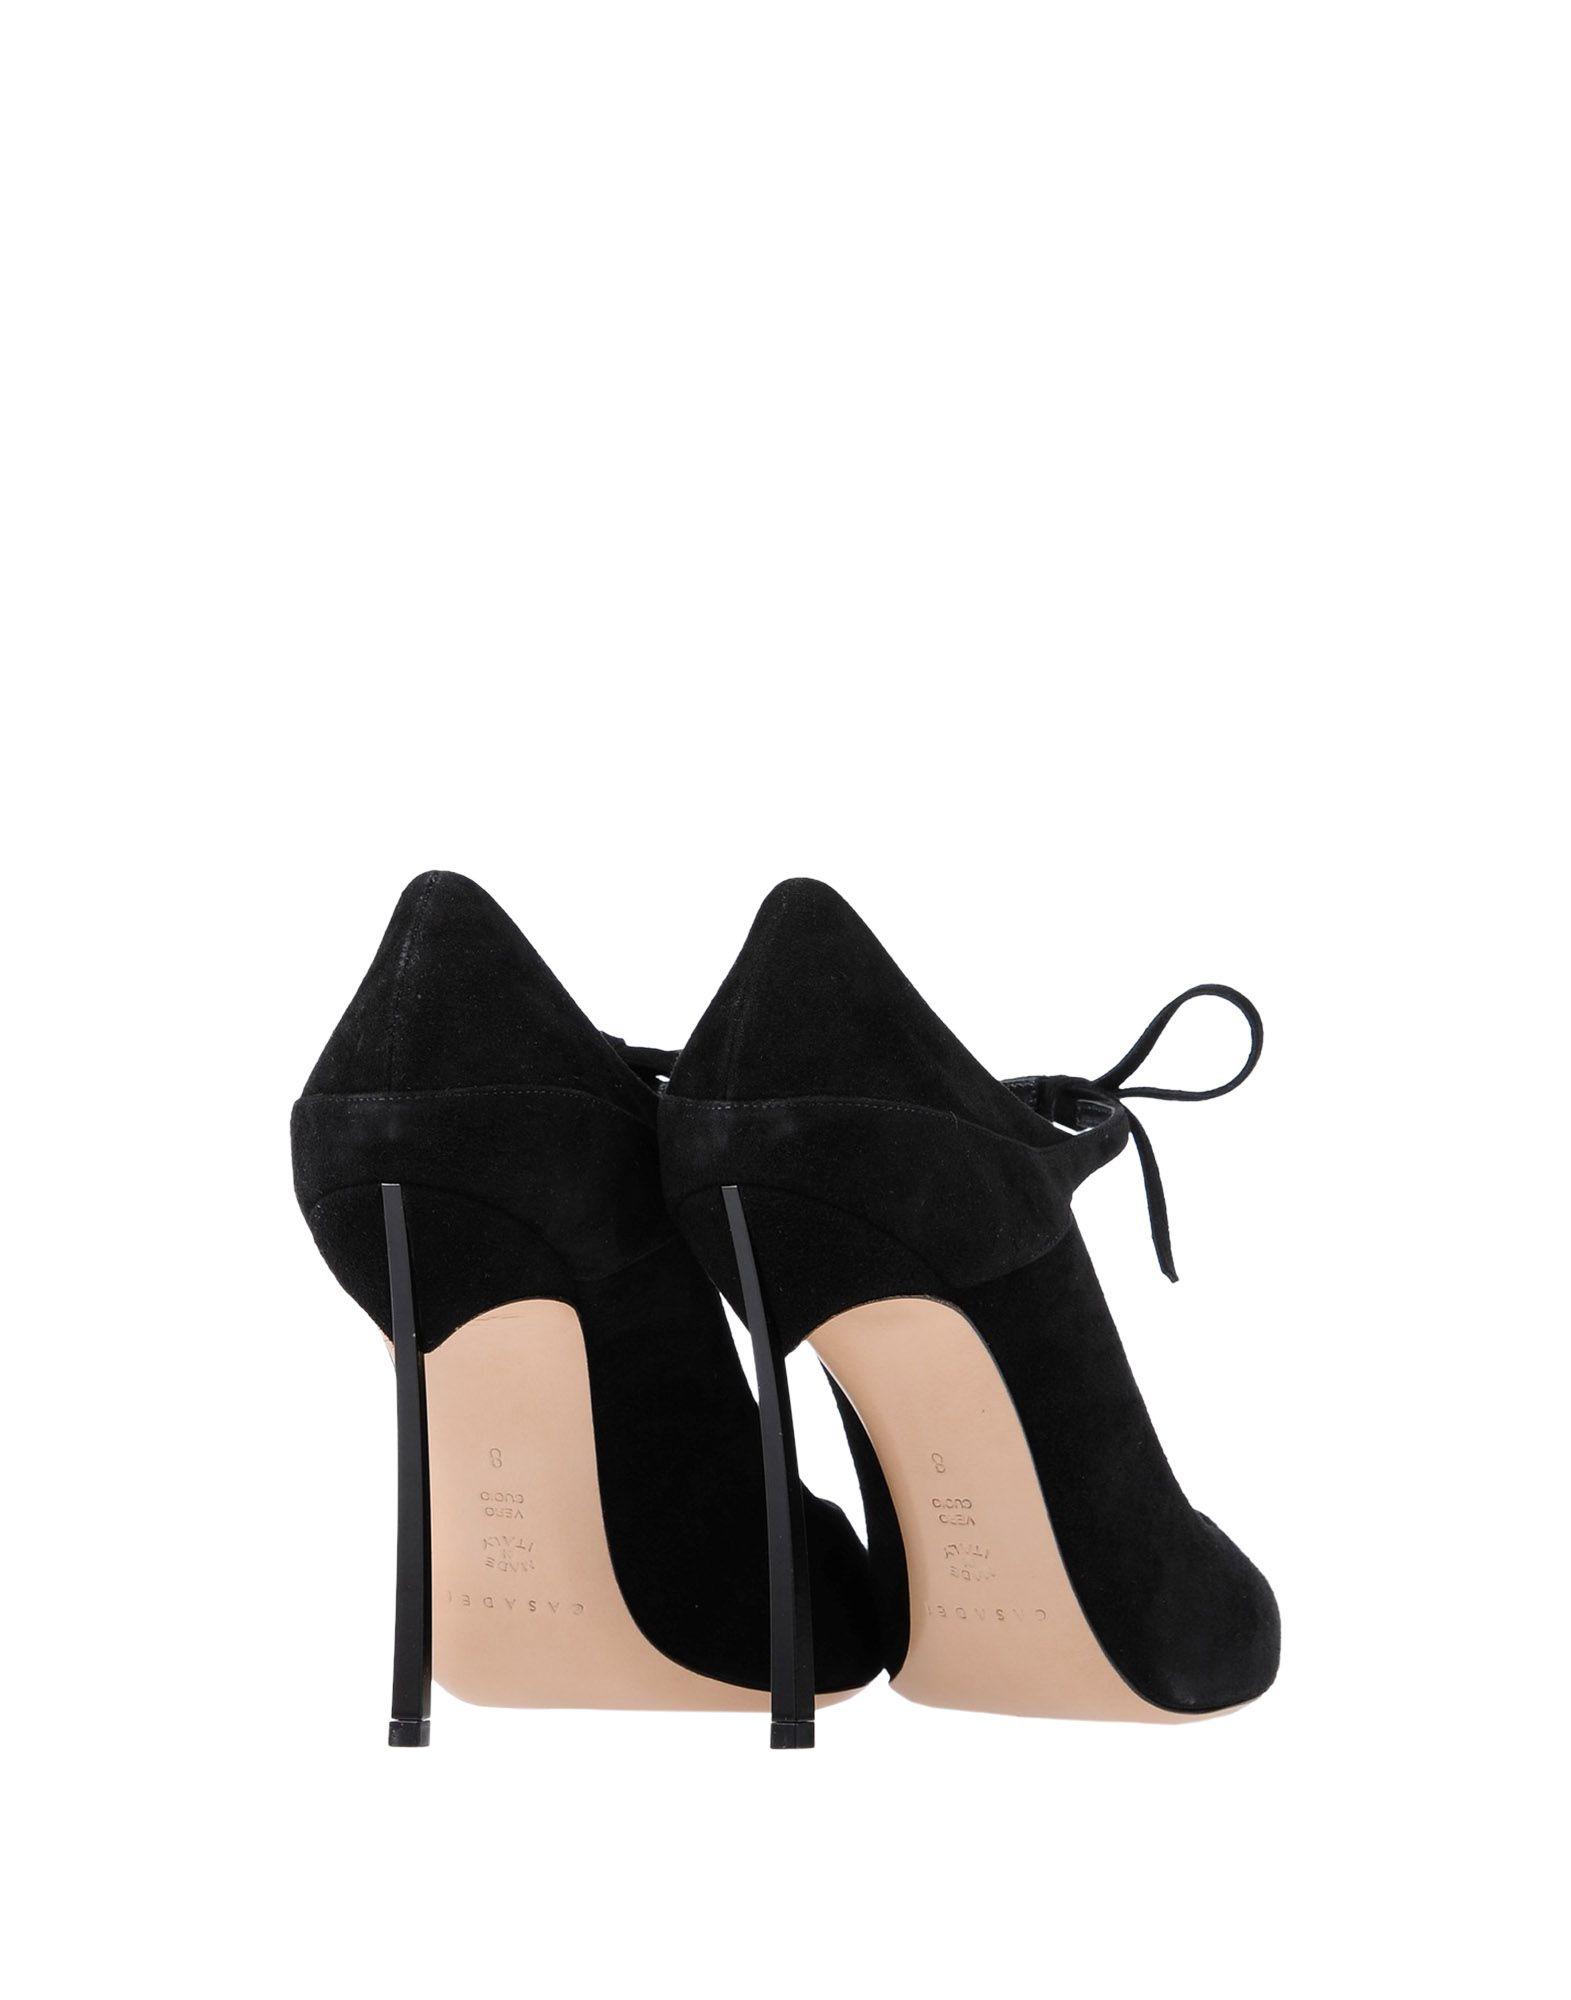 Casadei Pumps Damen gut  11309088KIGünstige gut Damen aussehende Schuhe feb24d